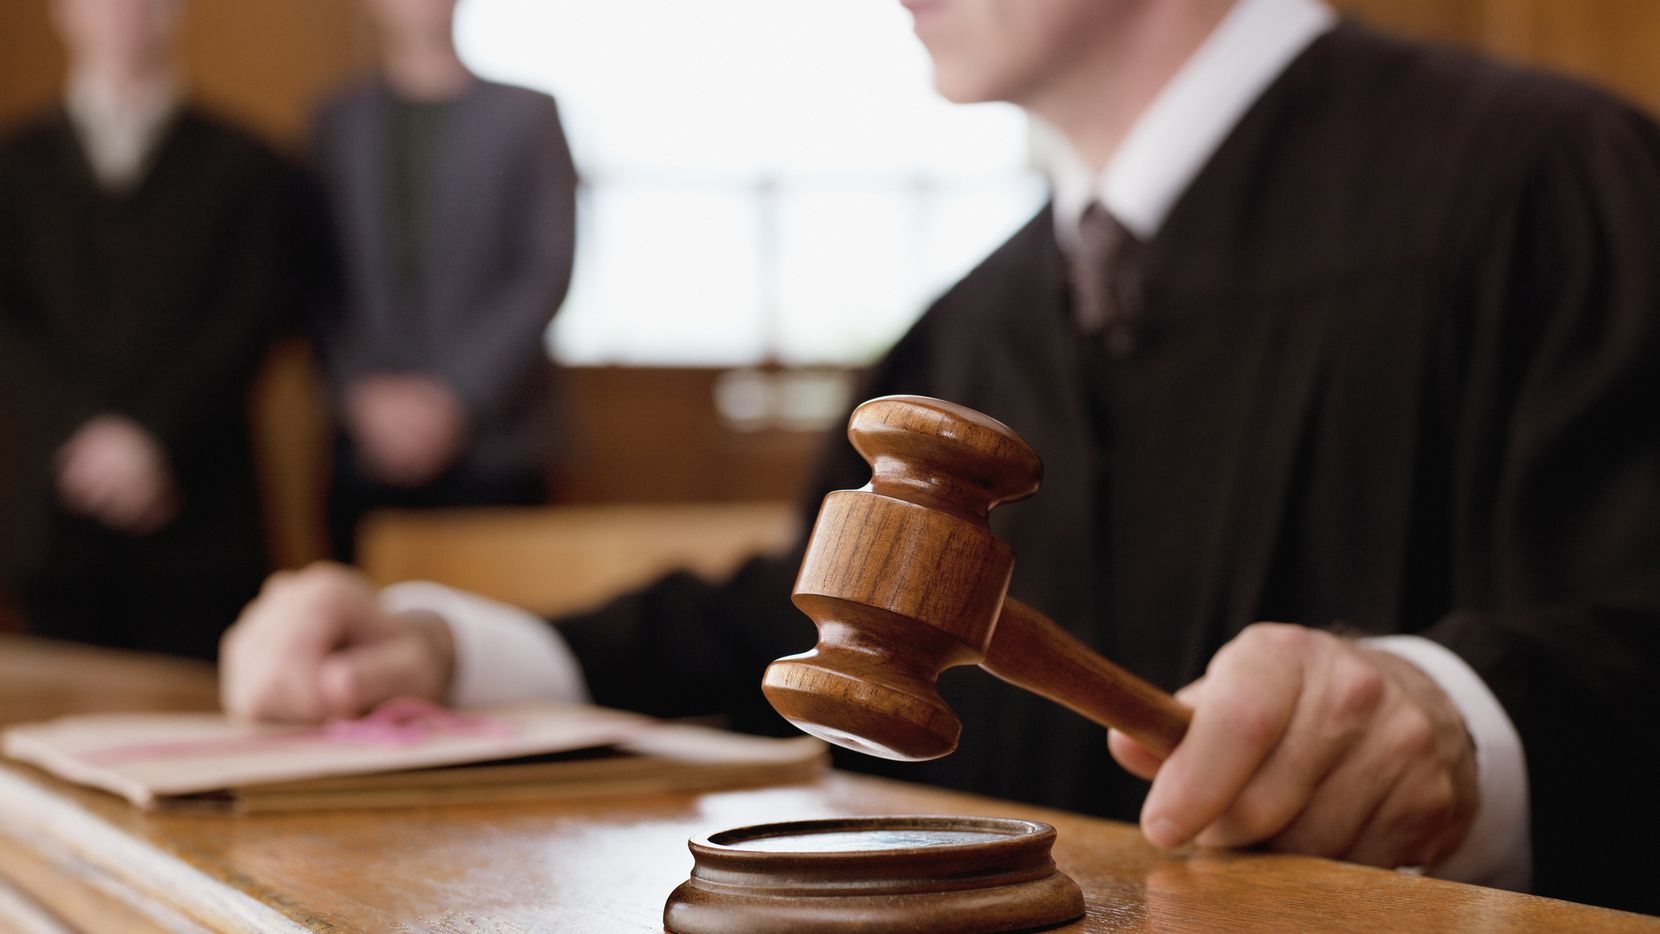 Una corte federal detuvo el incremento de hasta 800% en trámites de apelación de casos de inmigración que había sido anunciado en febrero del 2020.